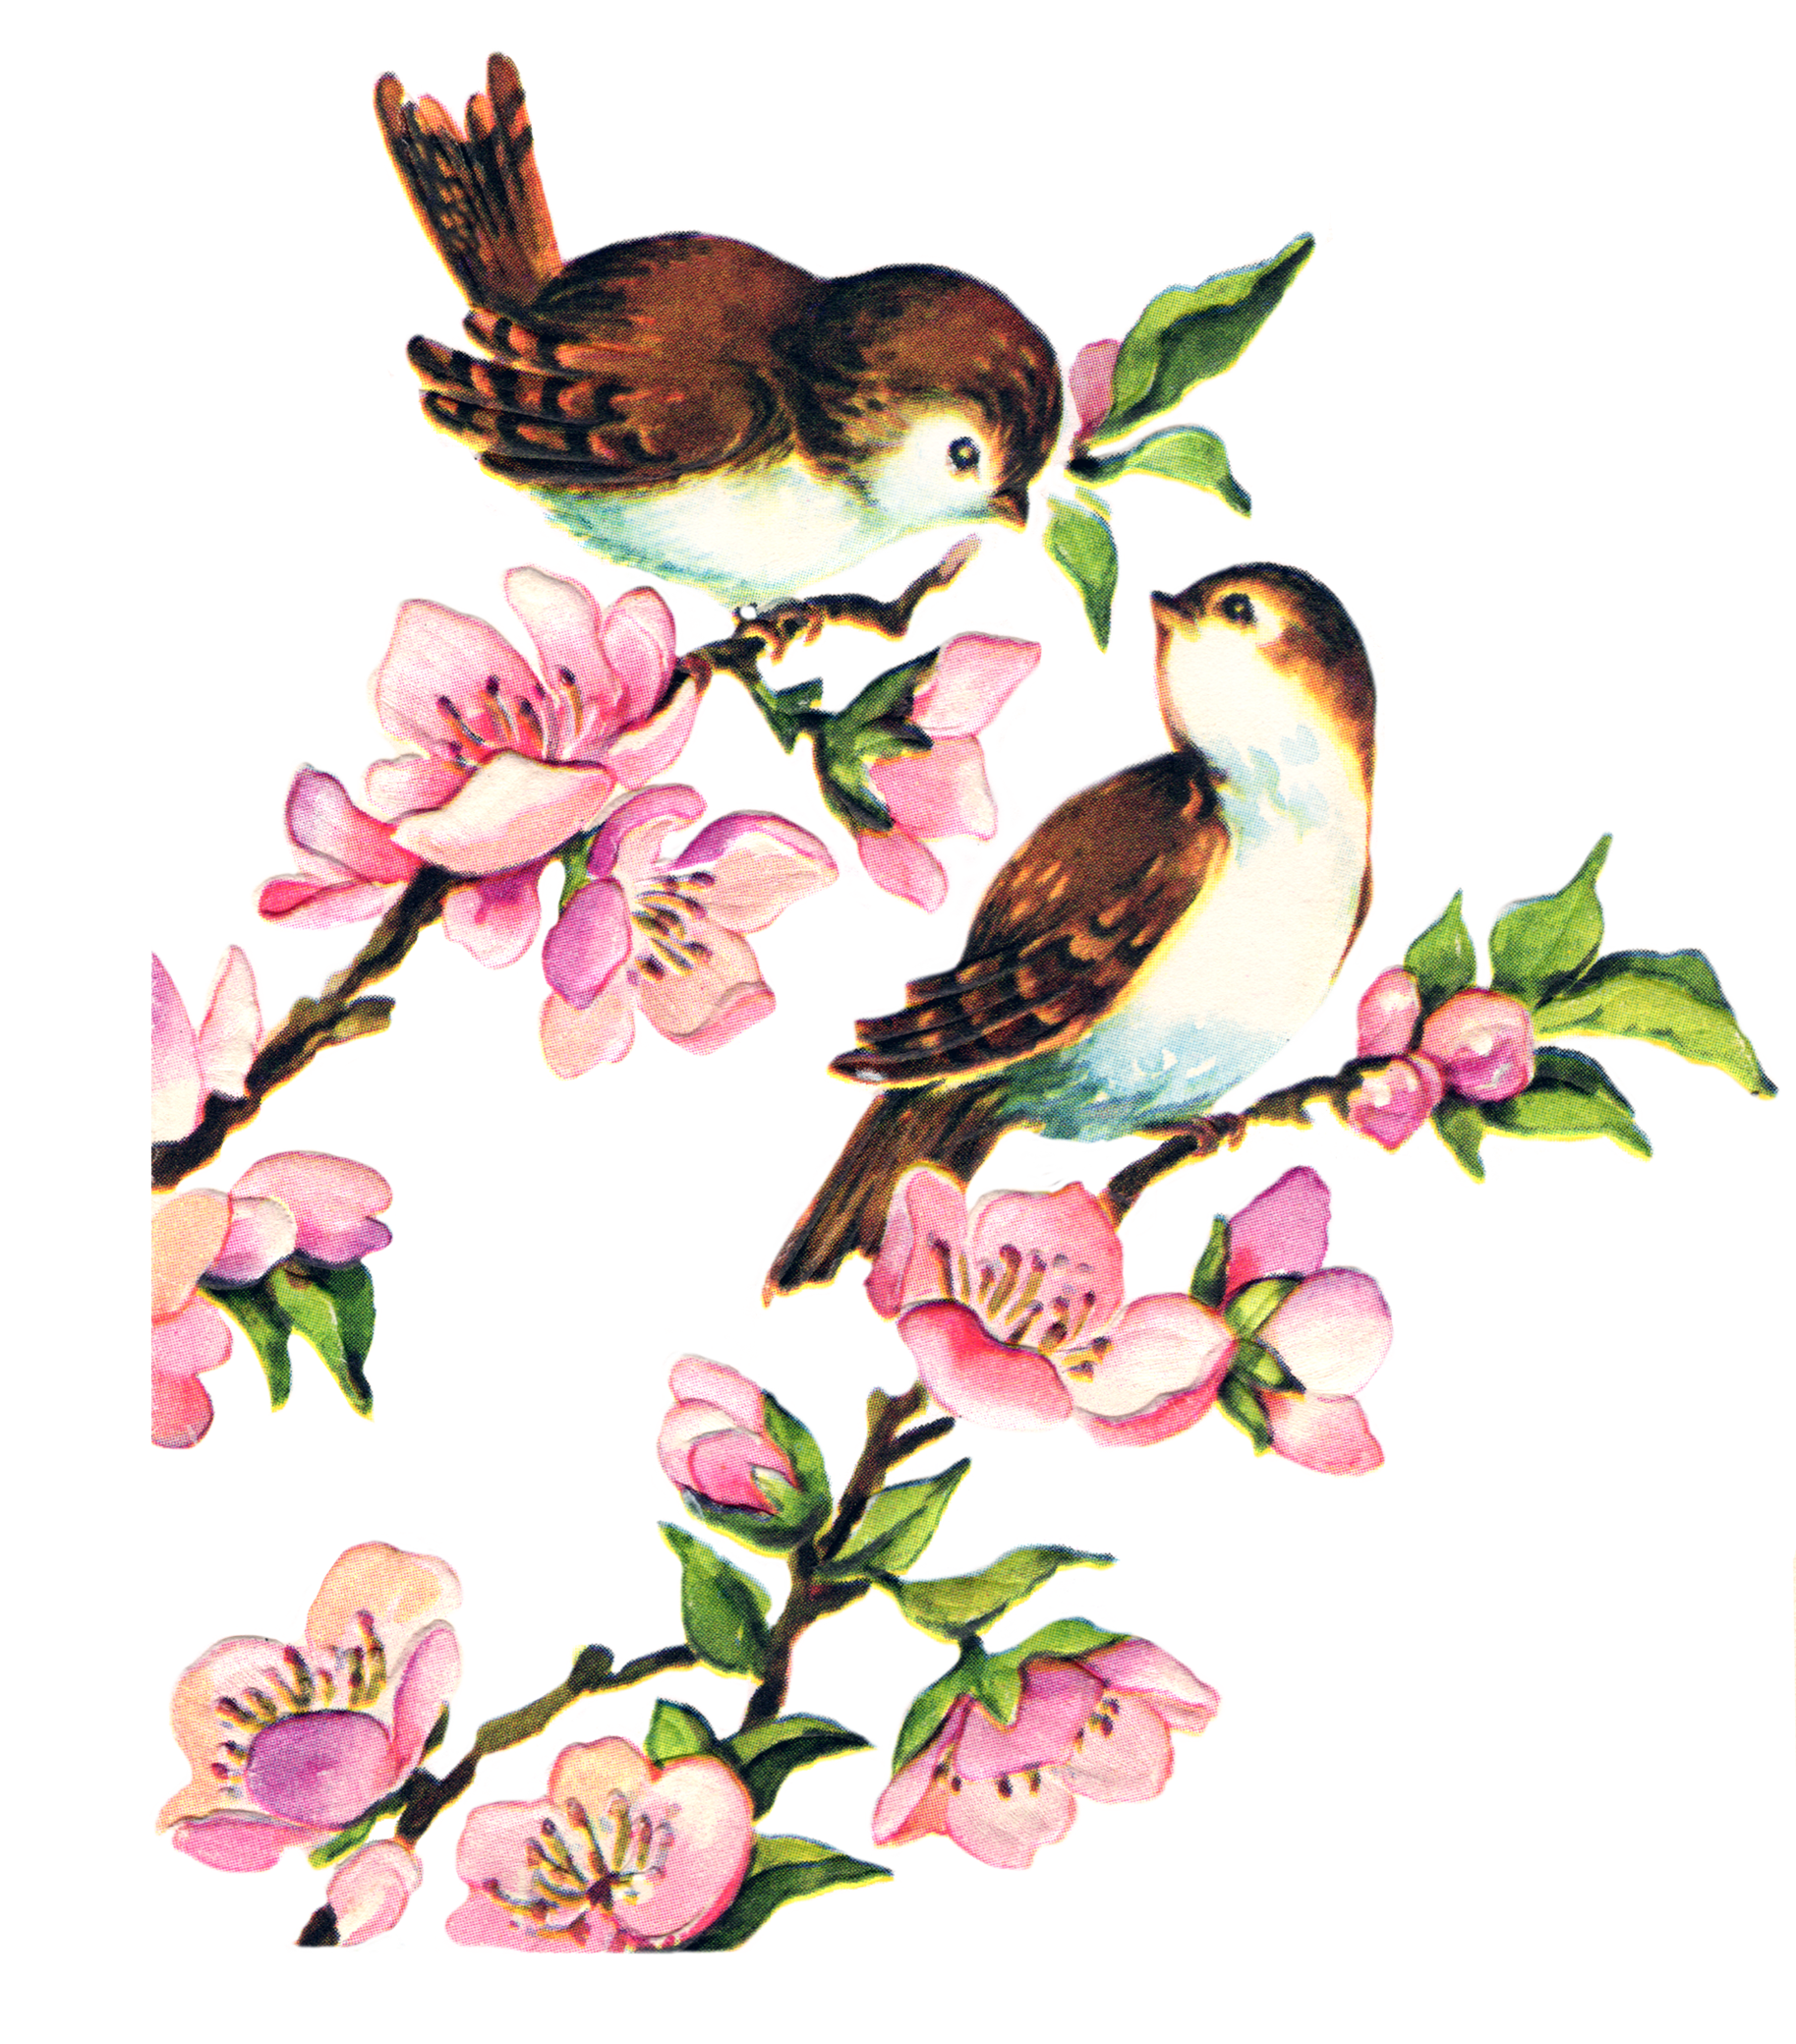 Воскресе, фон для открытки птицы